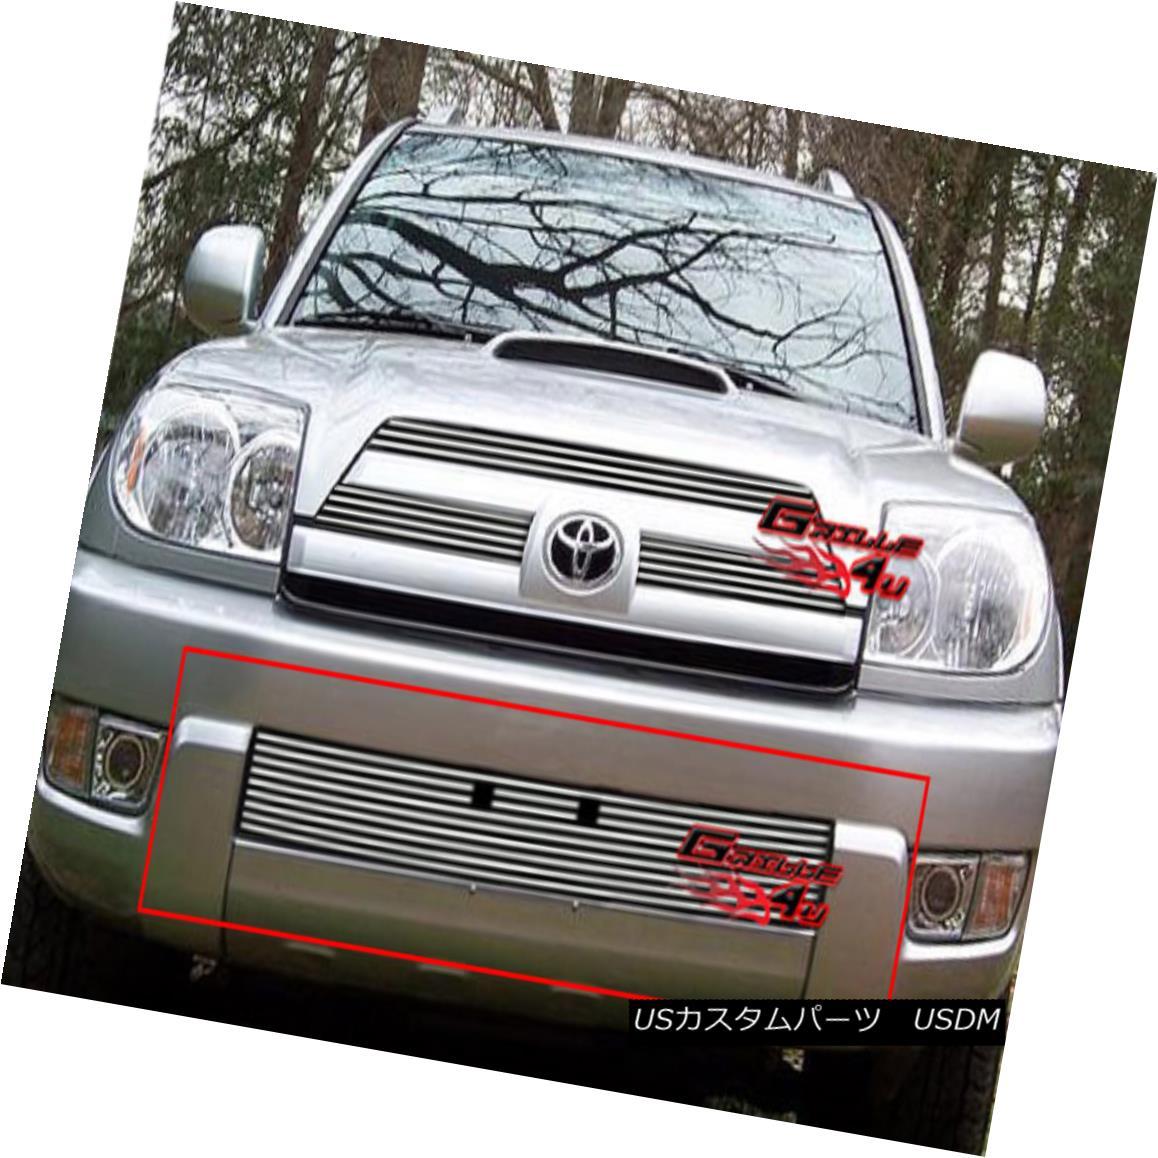 グリル Fits 2003-2005 Toyota 4Runner Bumper Billet Grille Insert フィット2003-2005トヨタ4Runnerバンパービレットグリルインサート